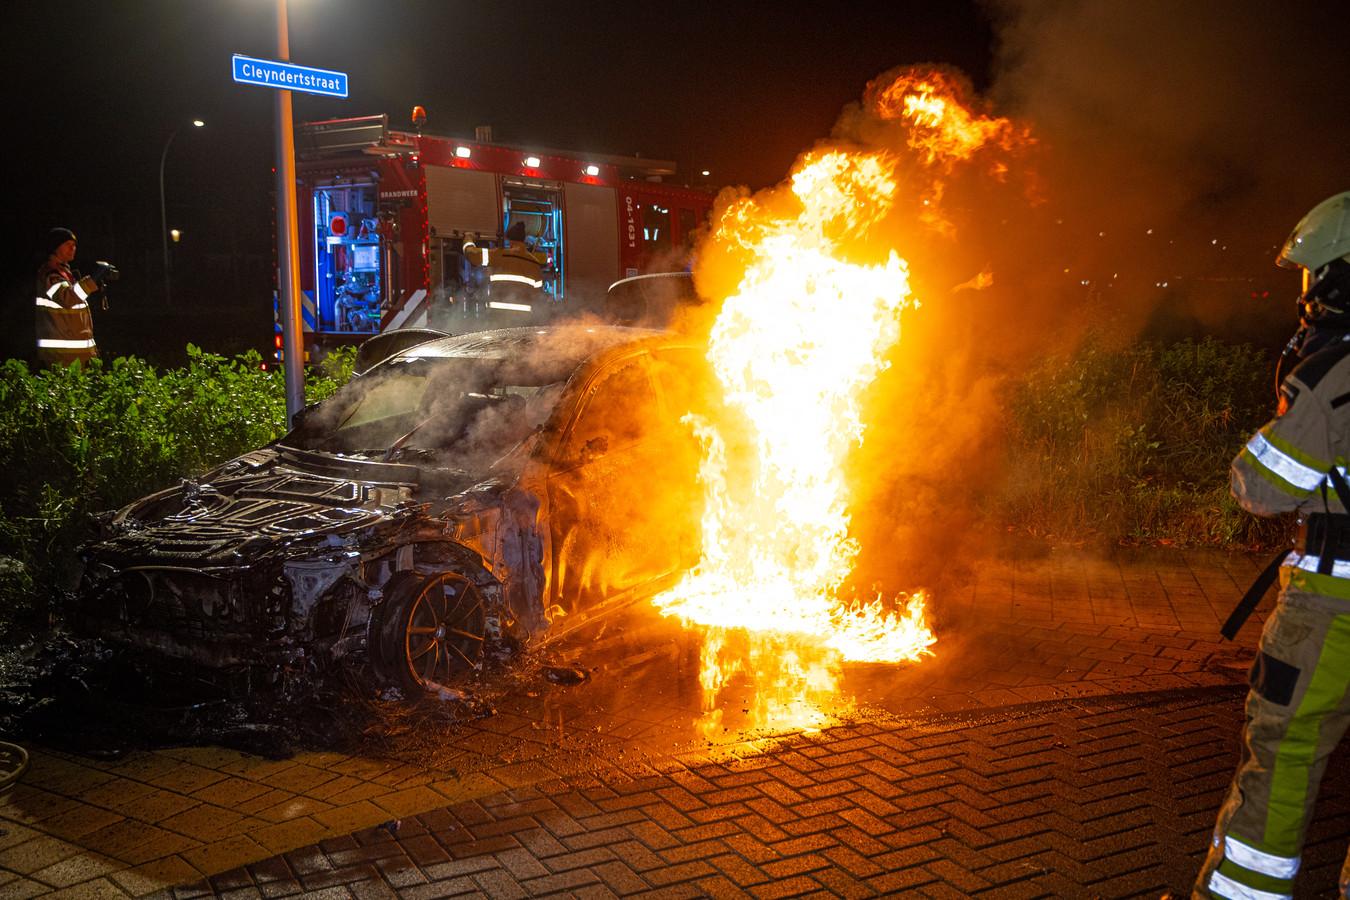 De BMW die de Cleynderstraat in brand werd gestoken, bleek de verkeerde. Een vergisauto.